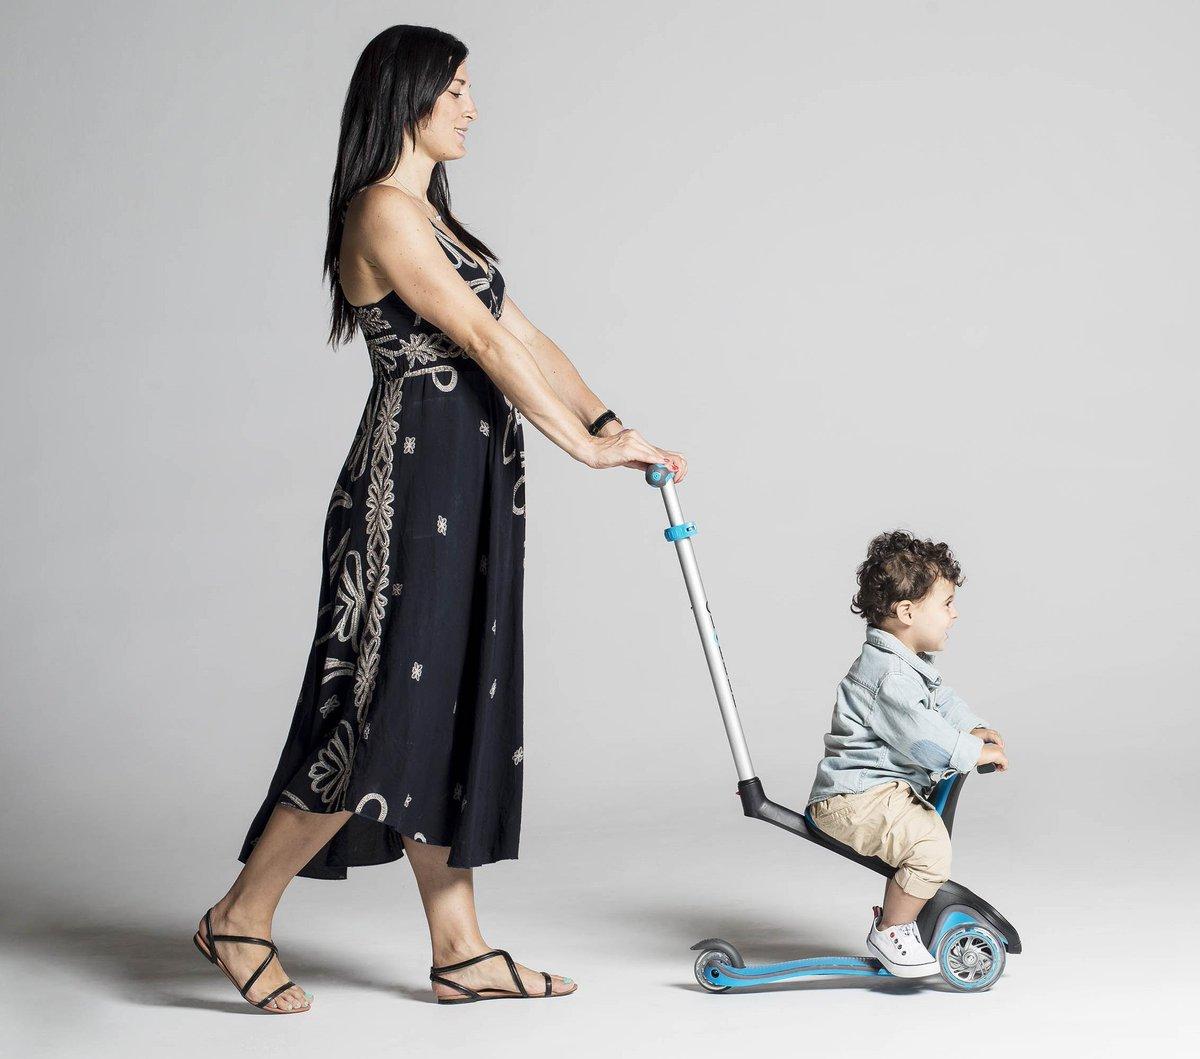 子供の成長に合わせて「手押し車」→「キックスクーター」→「キックボード」に変えられる  グロッバー EVOキックボード(Amazon) https://t.co/1YOY0wiGfb